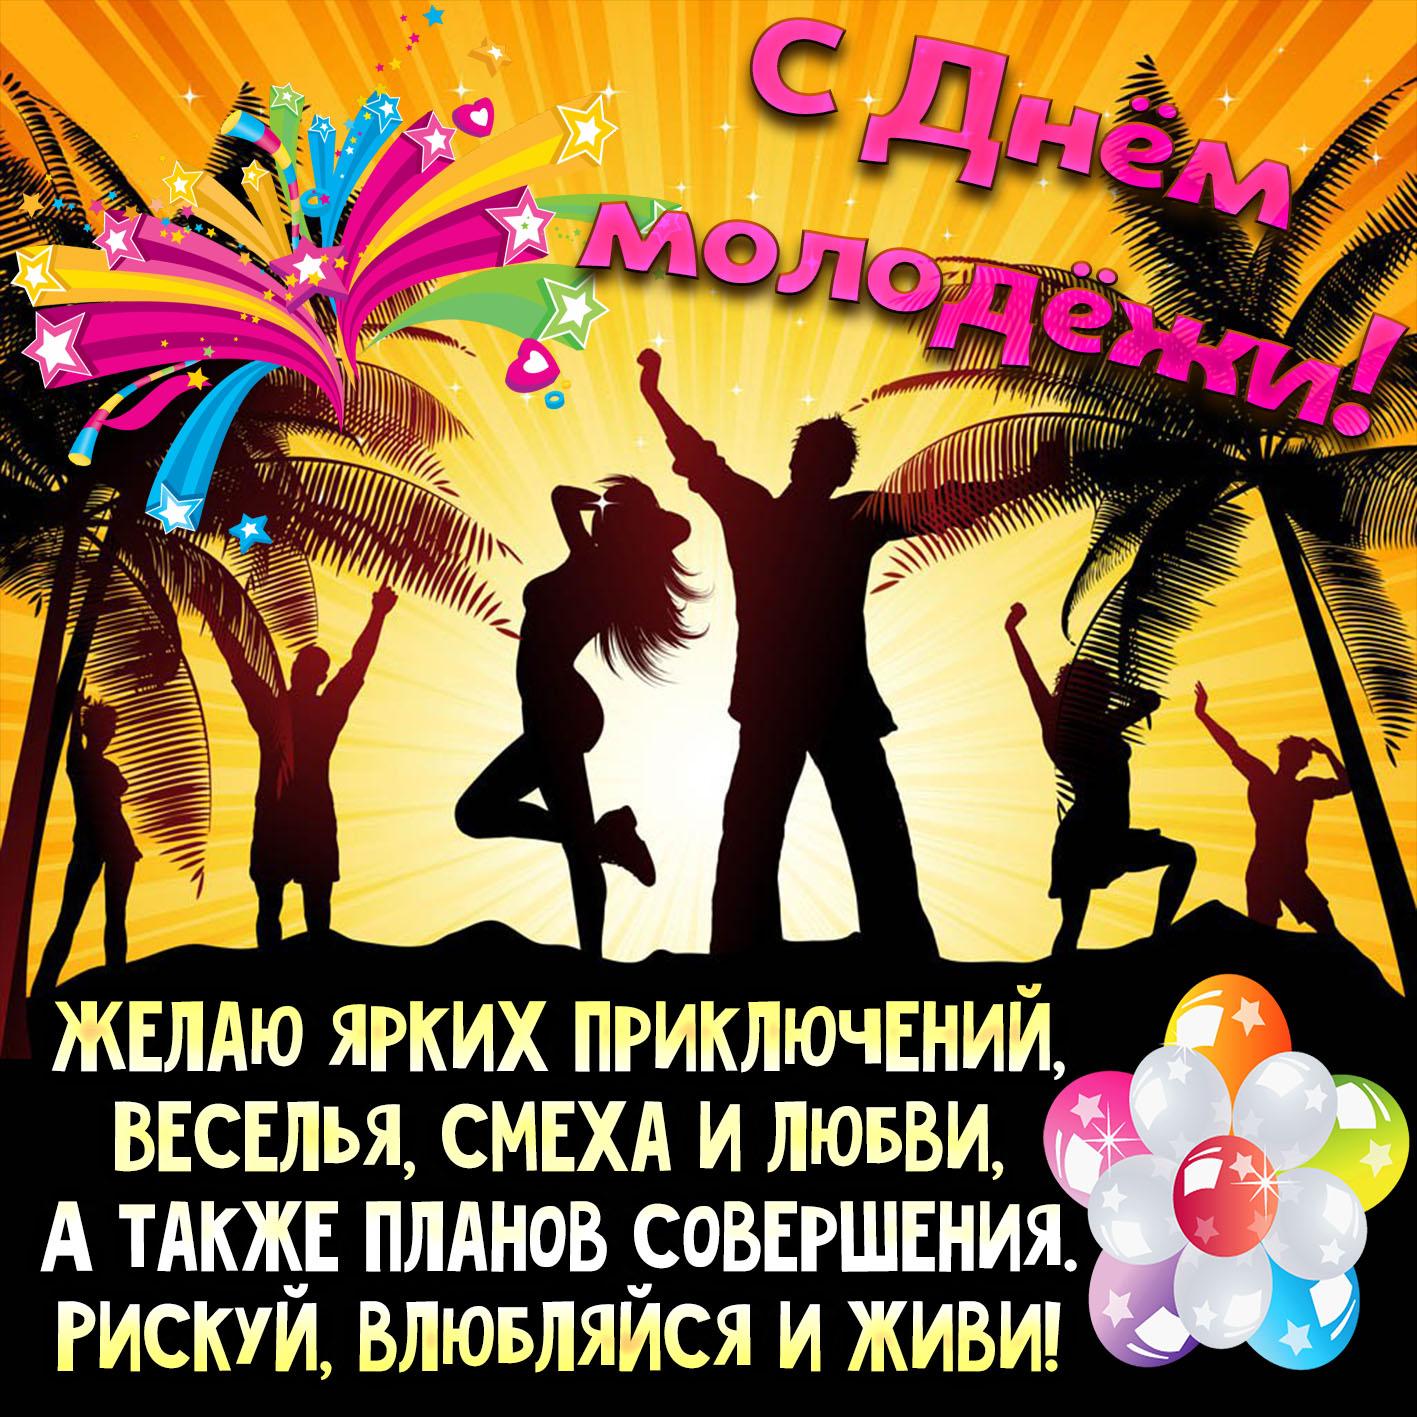 Праздником день молодежи стихи и картинки